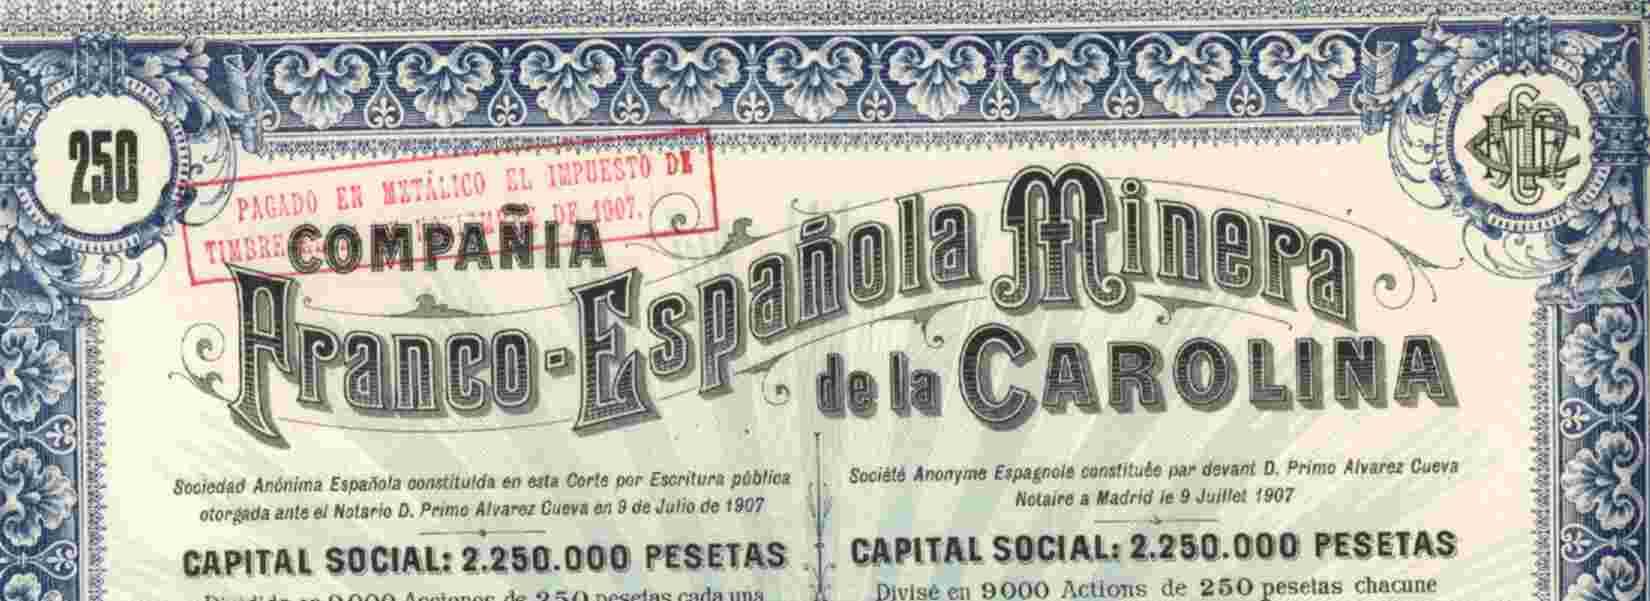 RARE: COMPANIA FRANCO ESPANOLA MINERA DE LA CAROLINA - Mineral